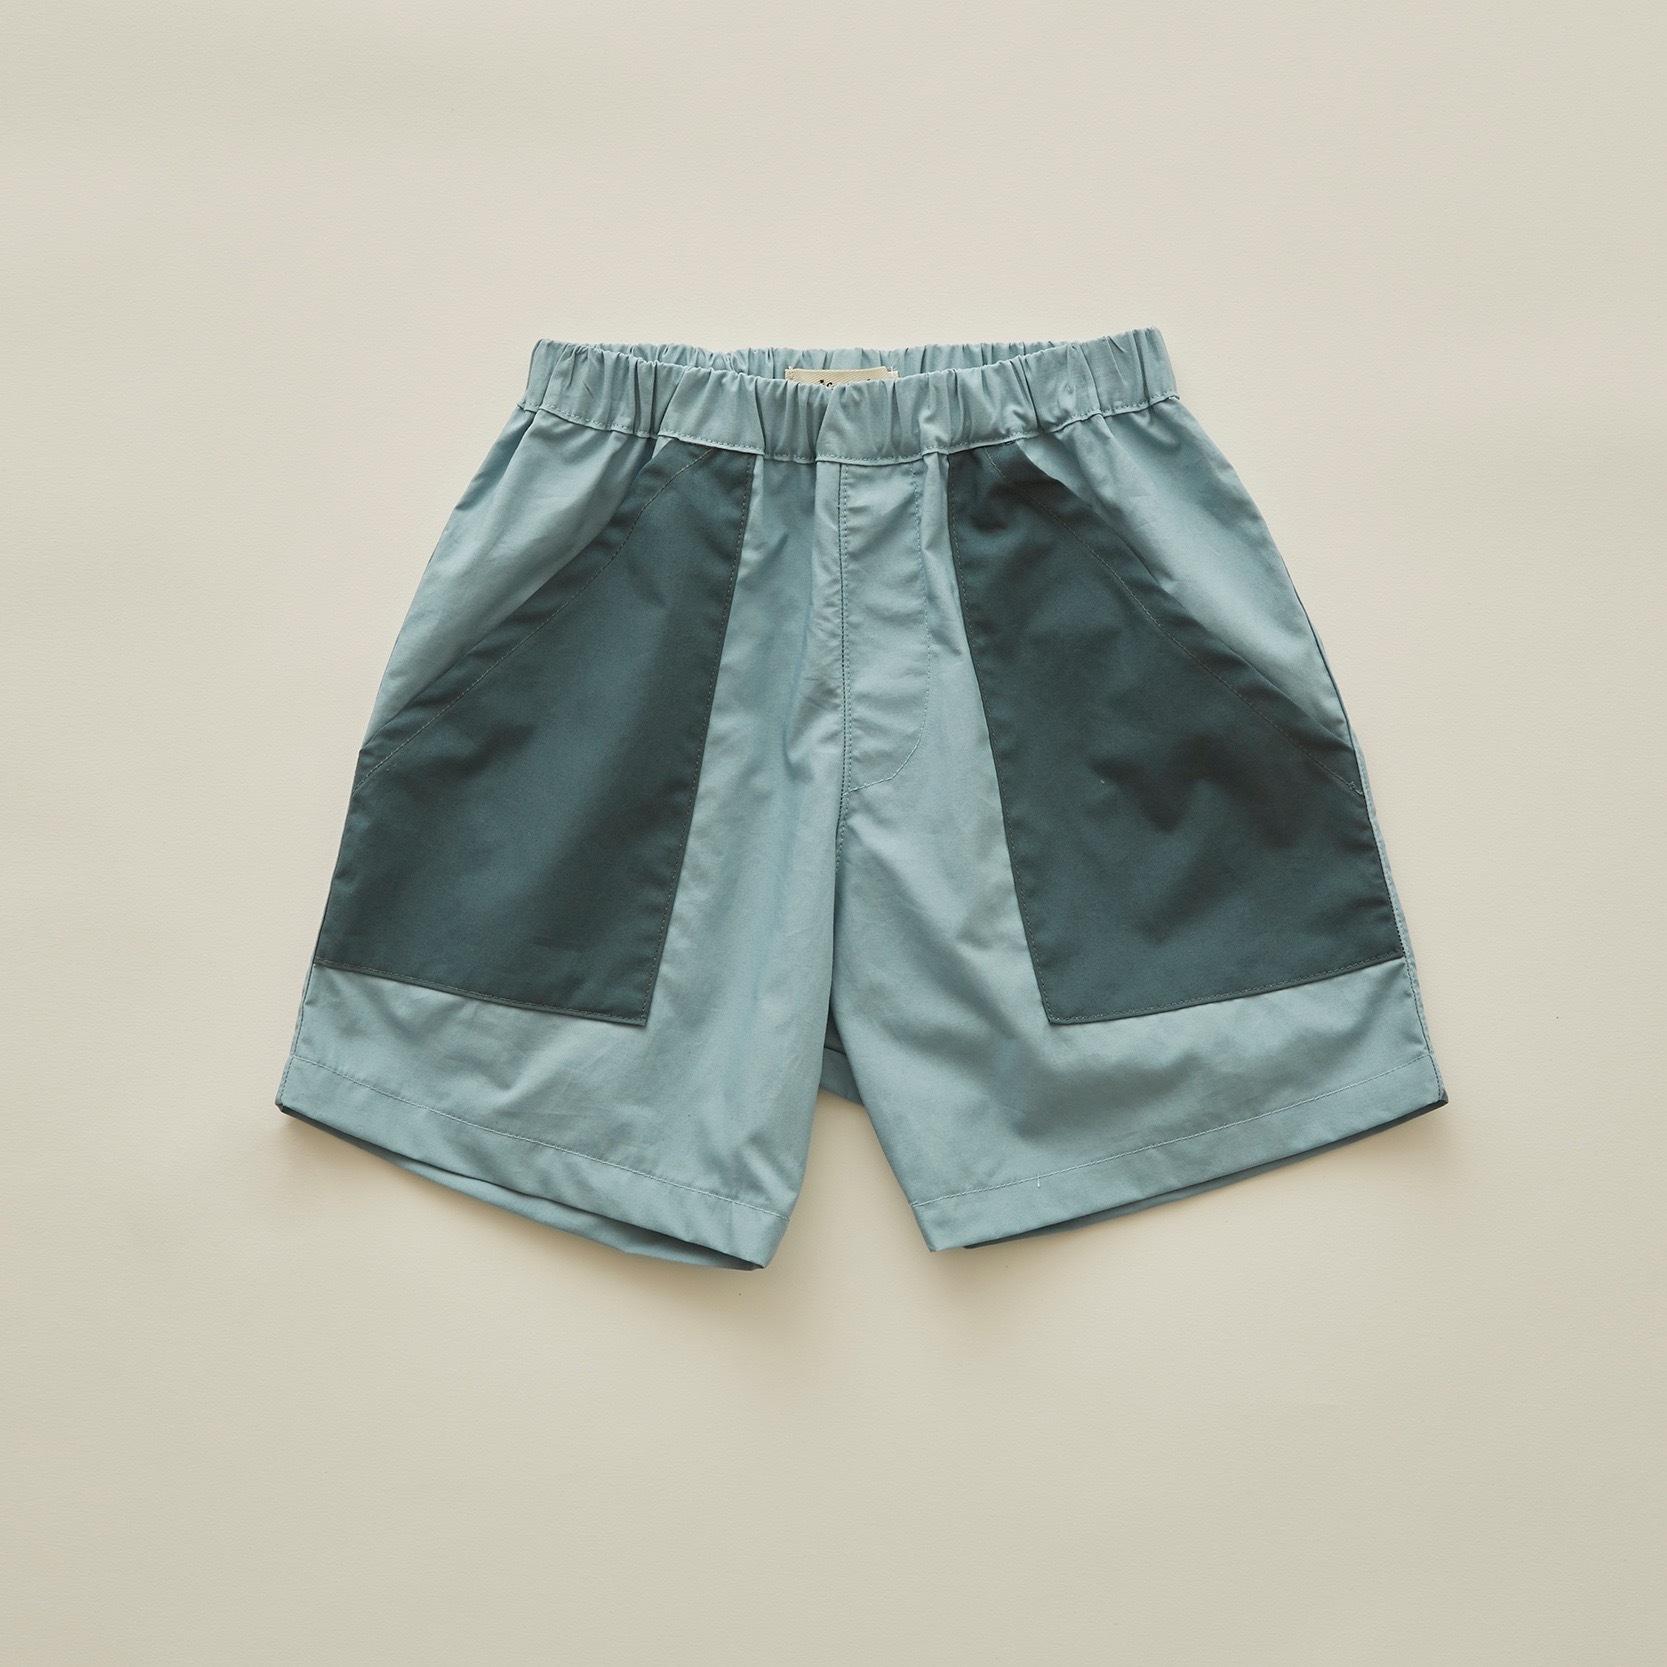 《eLfinFolk 2020SS》typwriter shorts / sky blue / 80-100cm